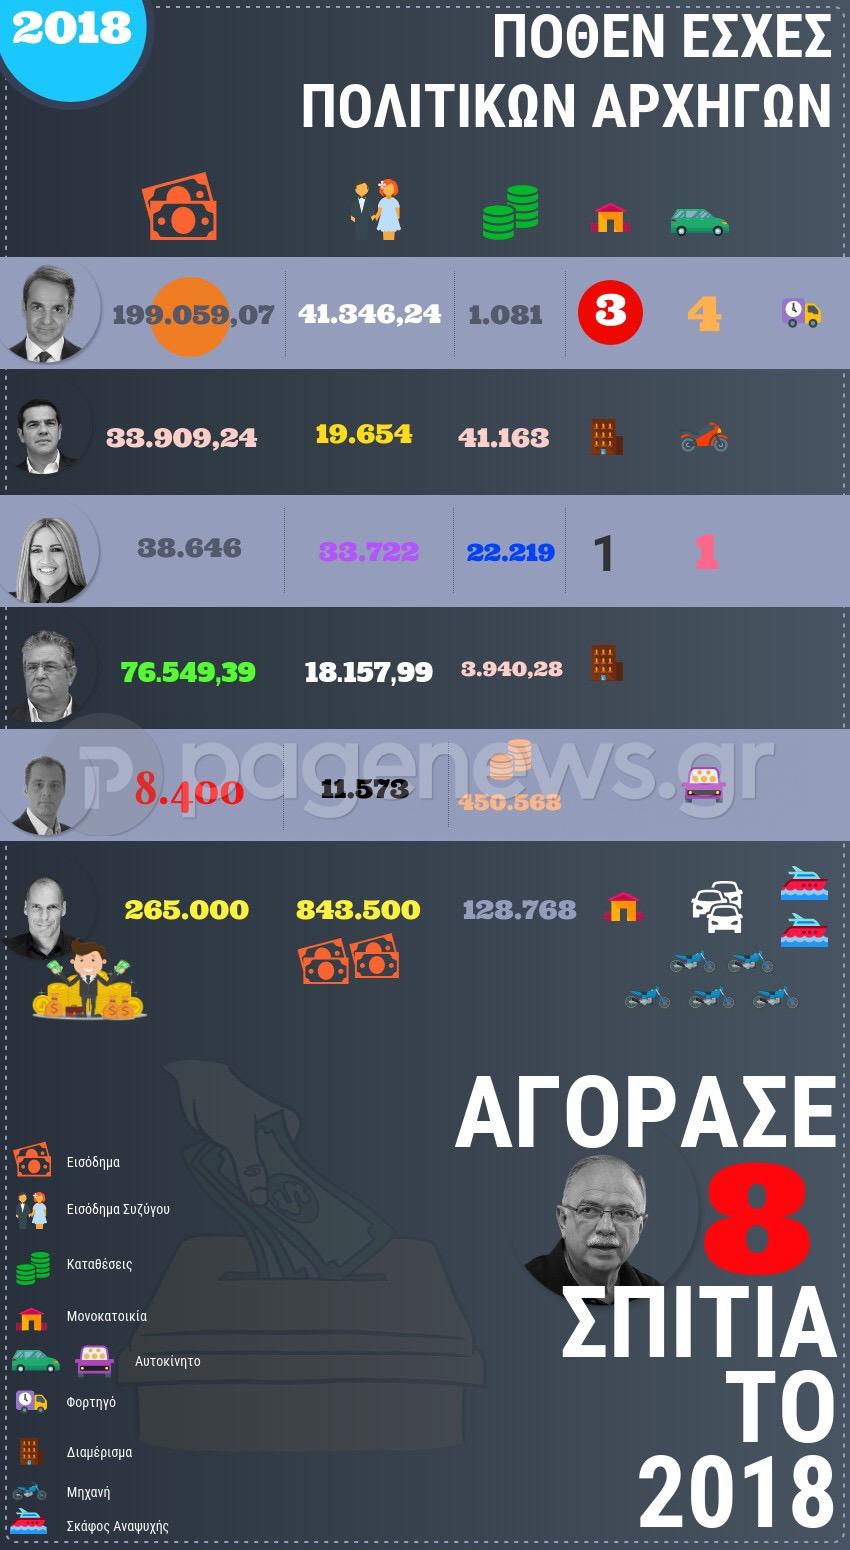 Όλα τα πόθεν έσχες των πολιτικών αρχηγών σε ένα infographic